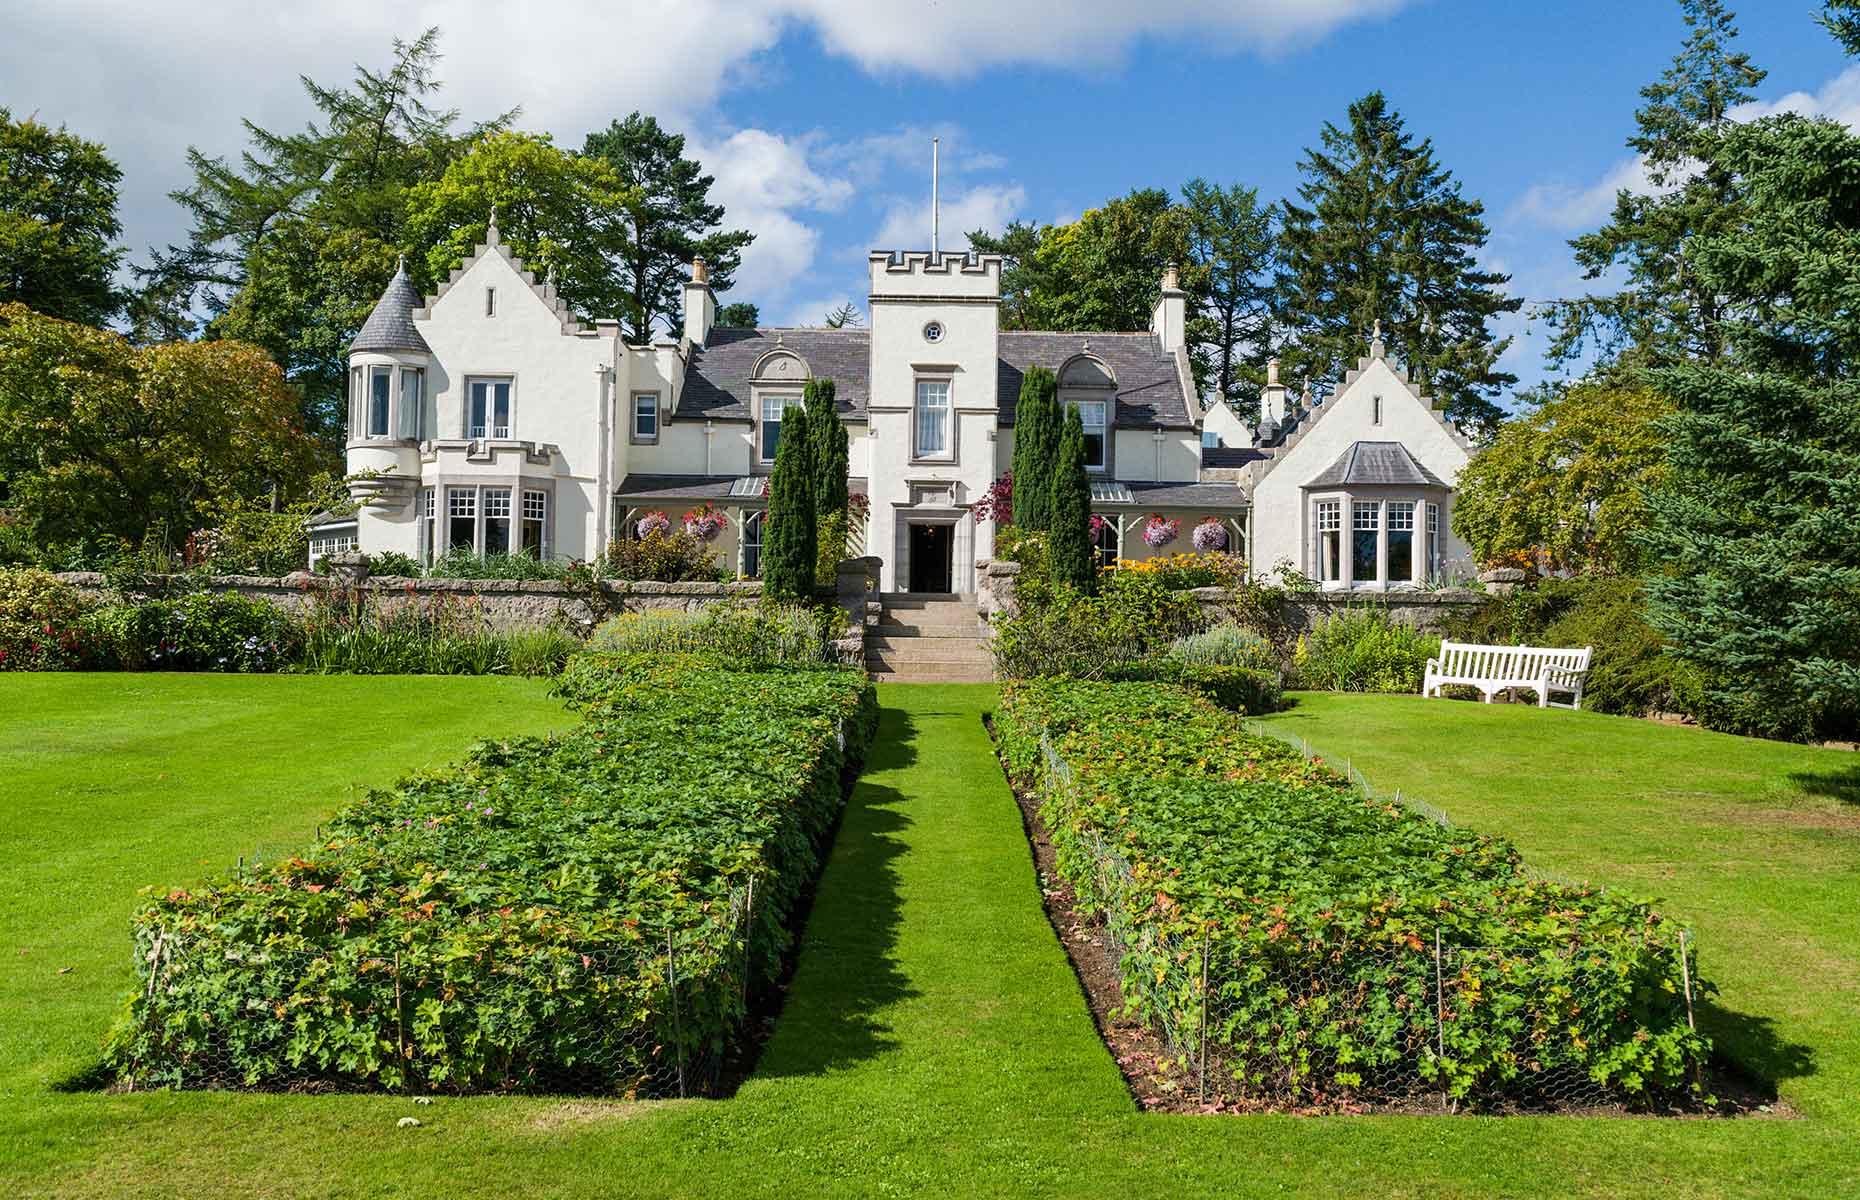 Douneside House, Aberdeenshire